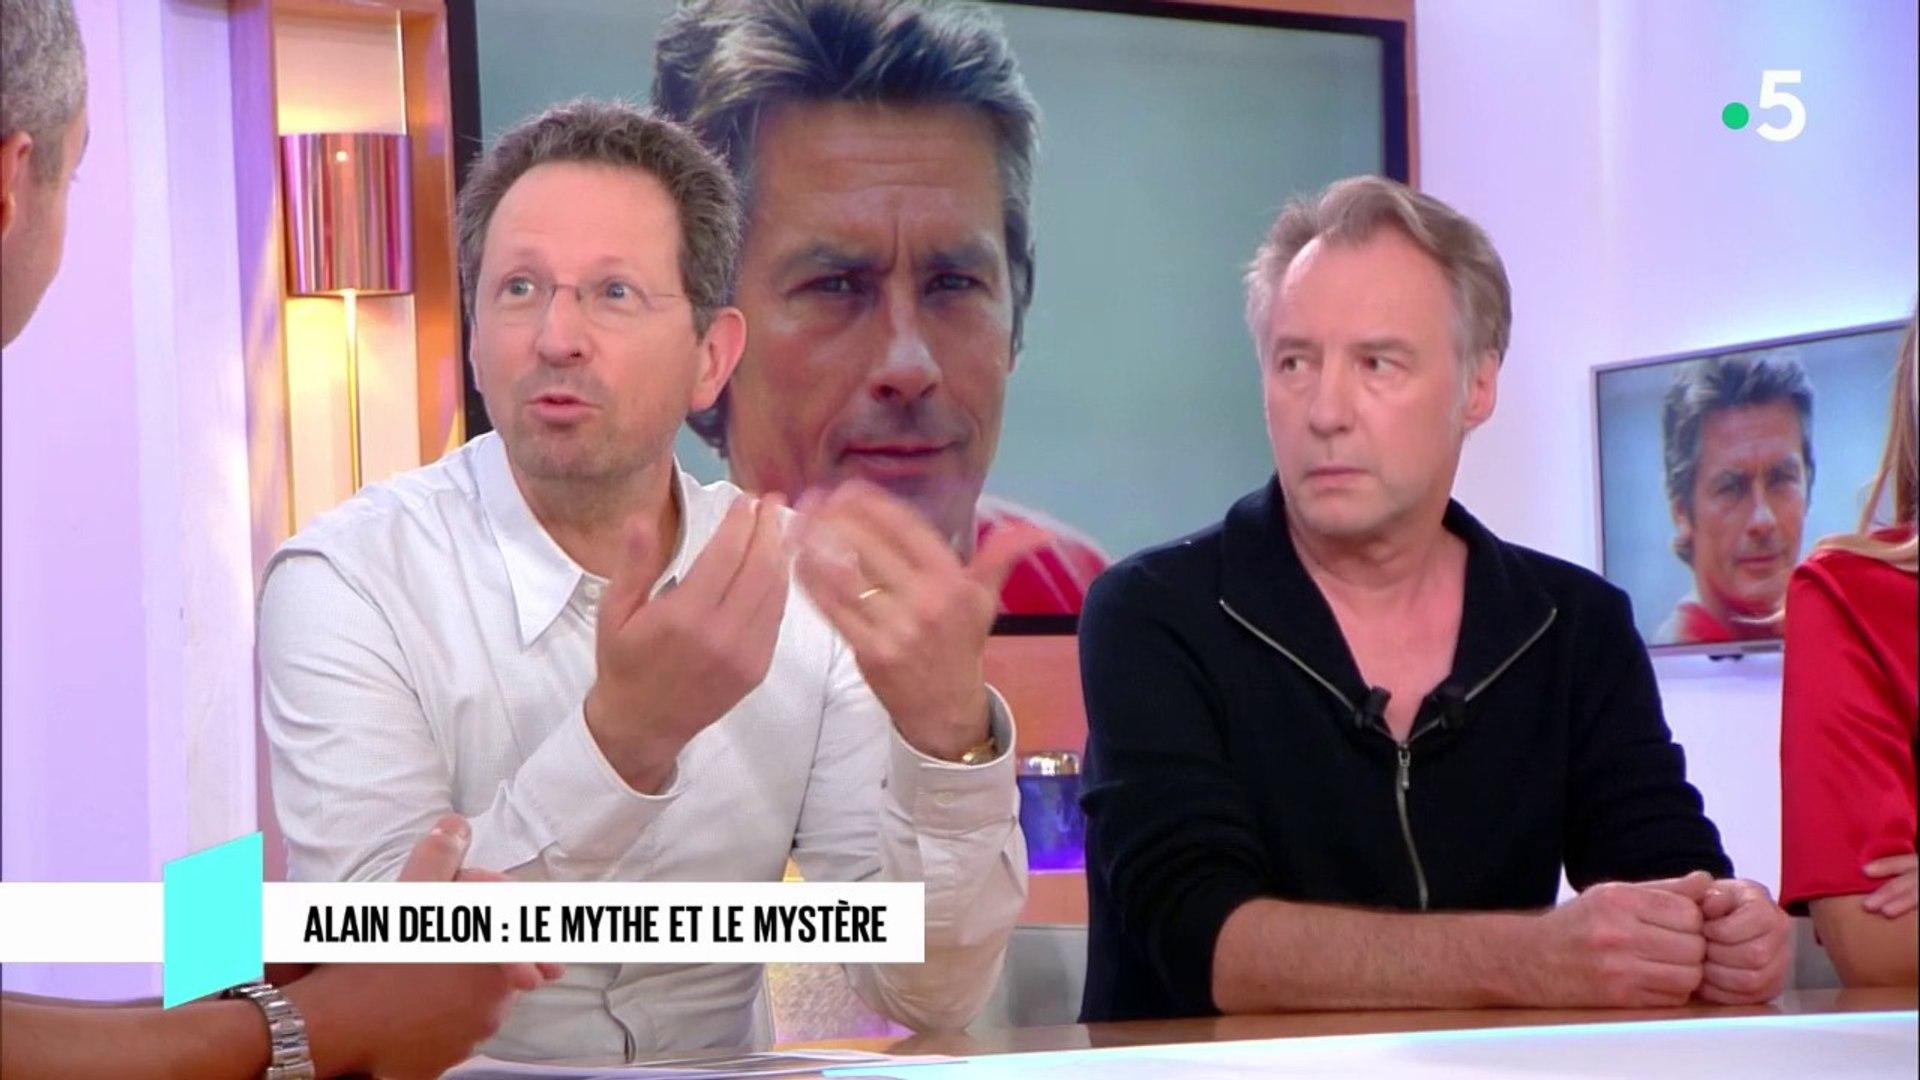 Alain Delon : le mythe et le mystère - C l'hebdo - 22/09/2018